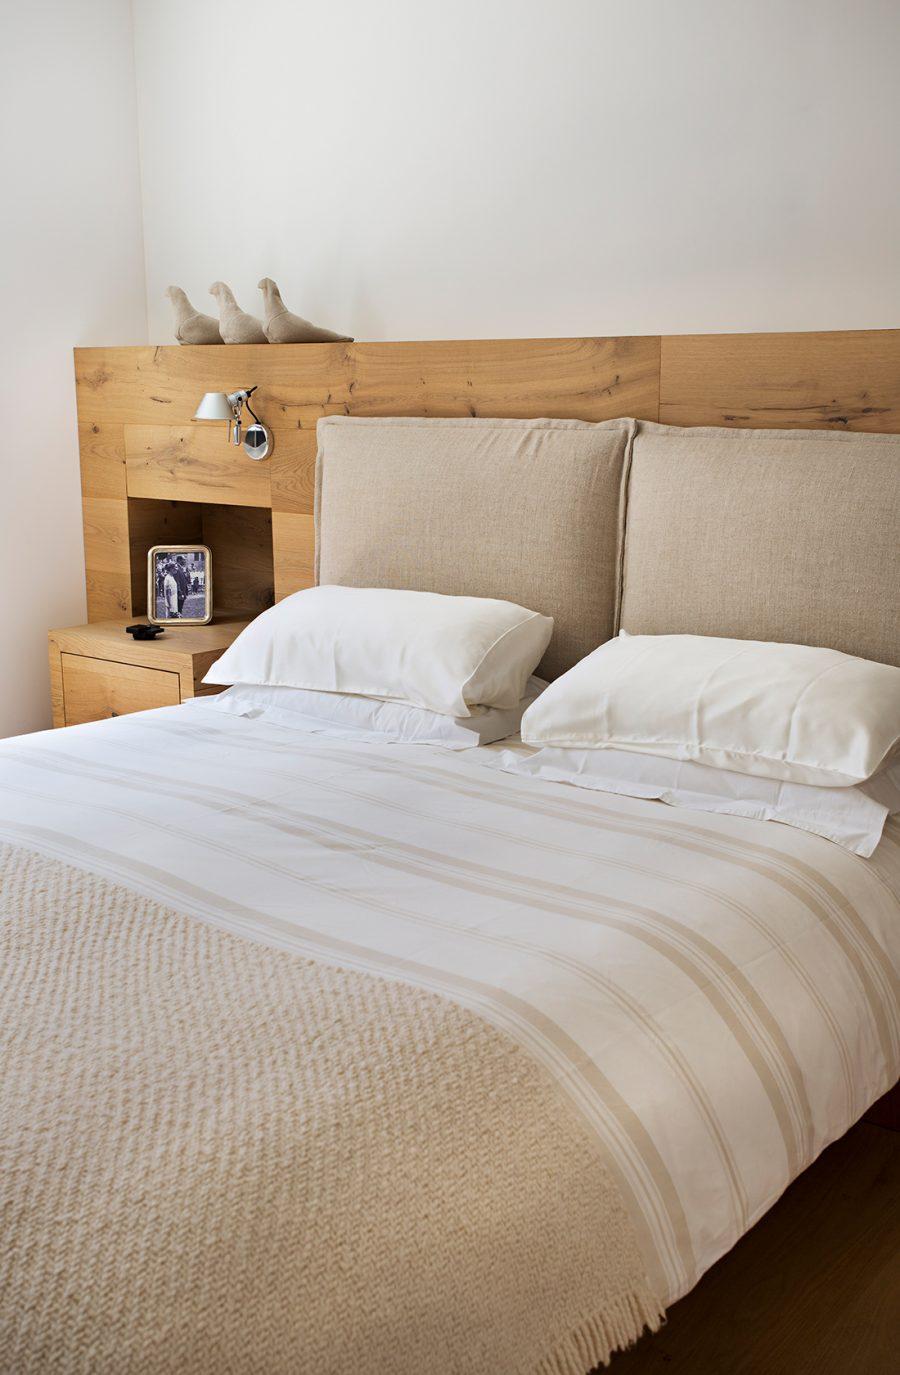 Reforma vivienda adosada moraleja dormitorio